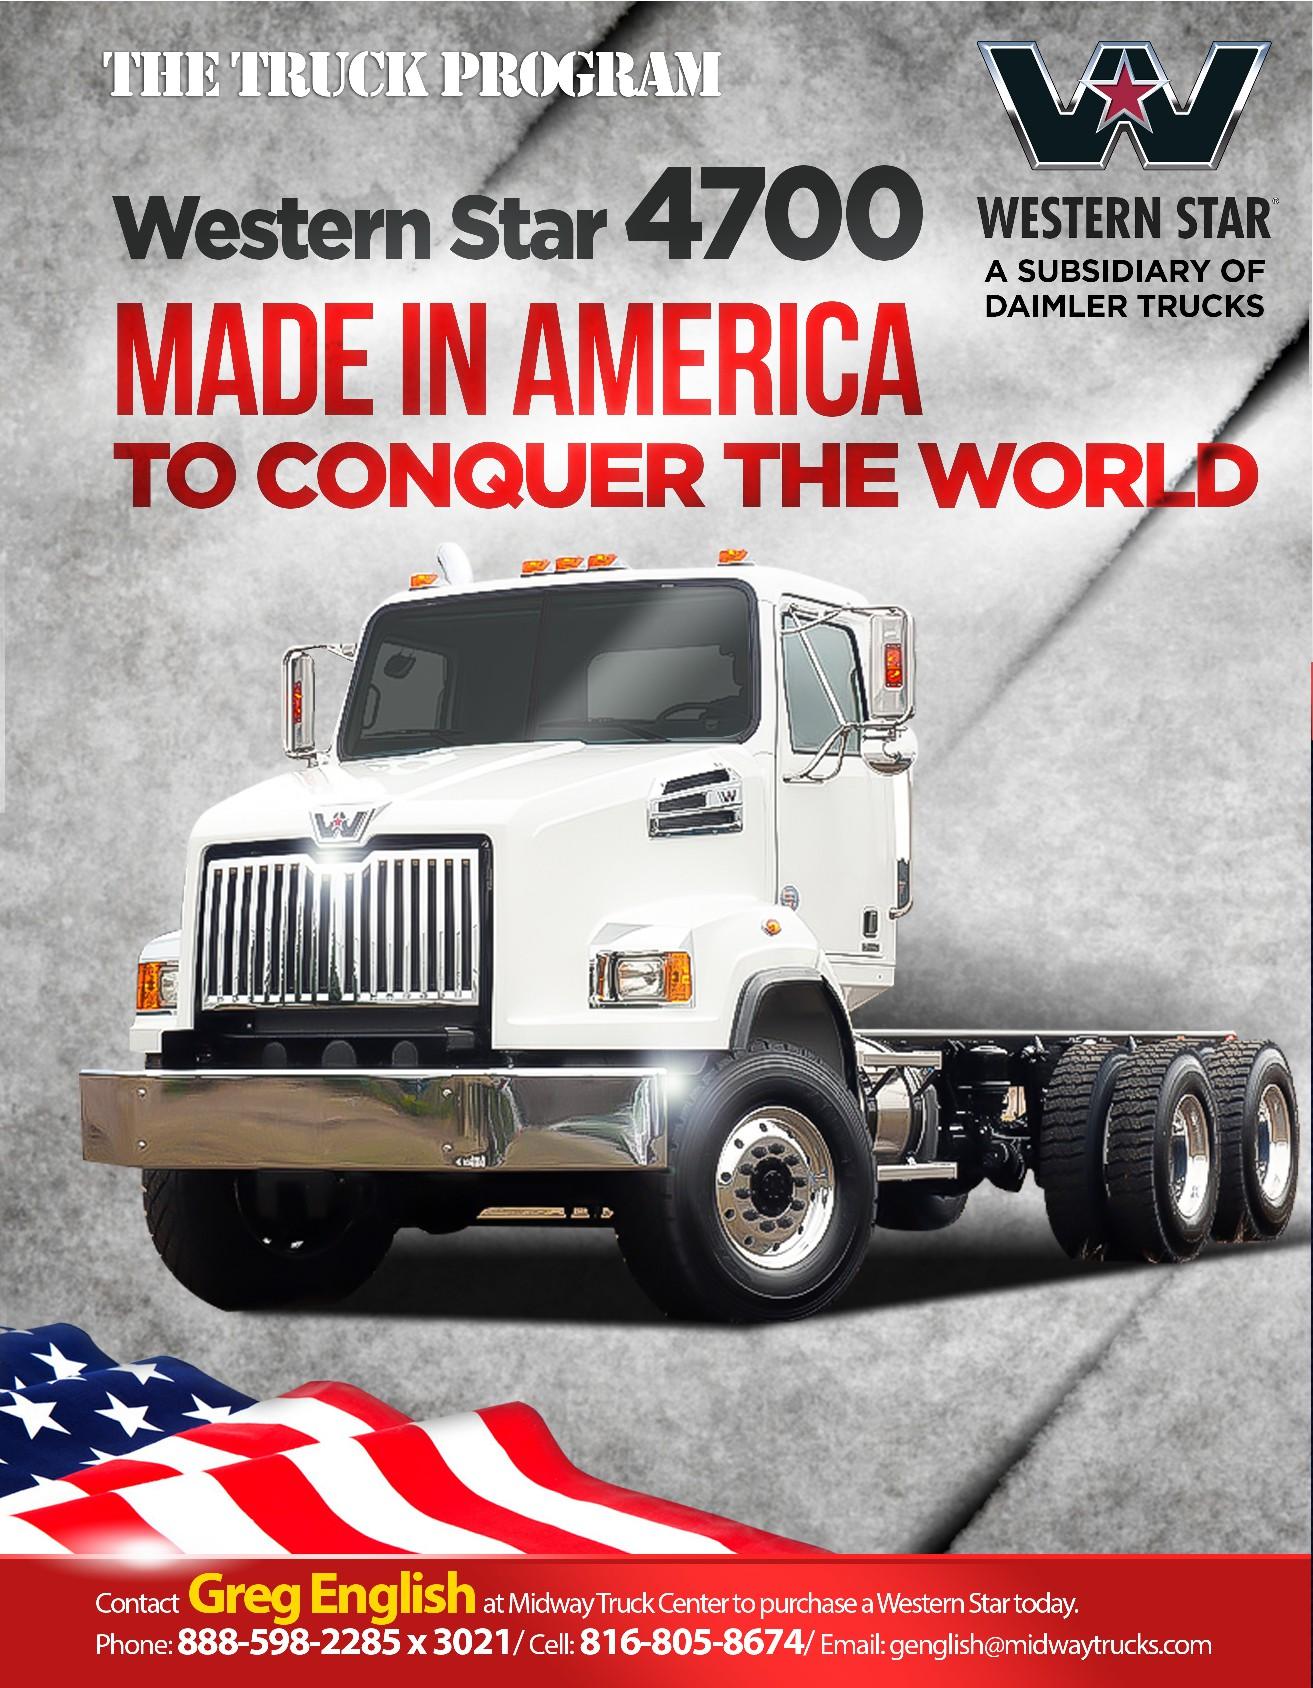 Western Star Nov 2015